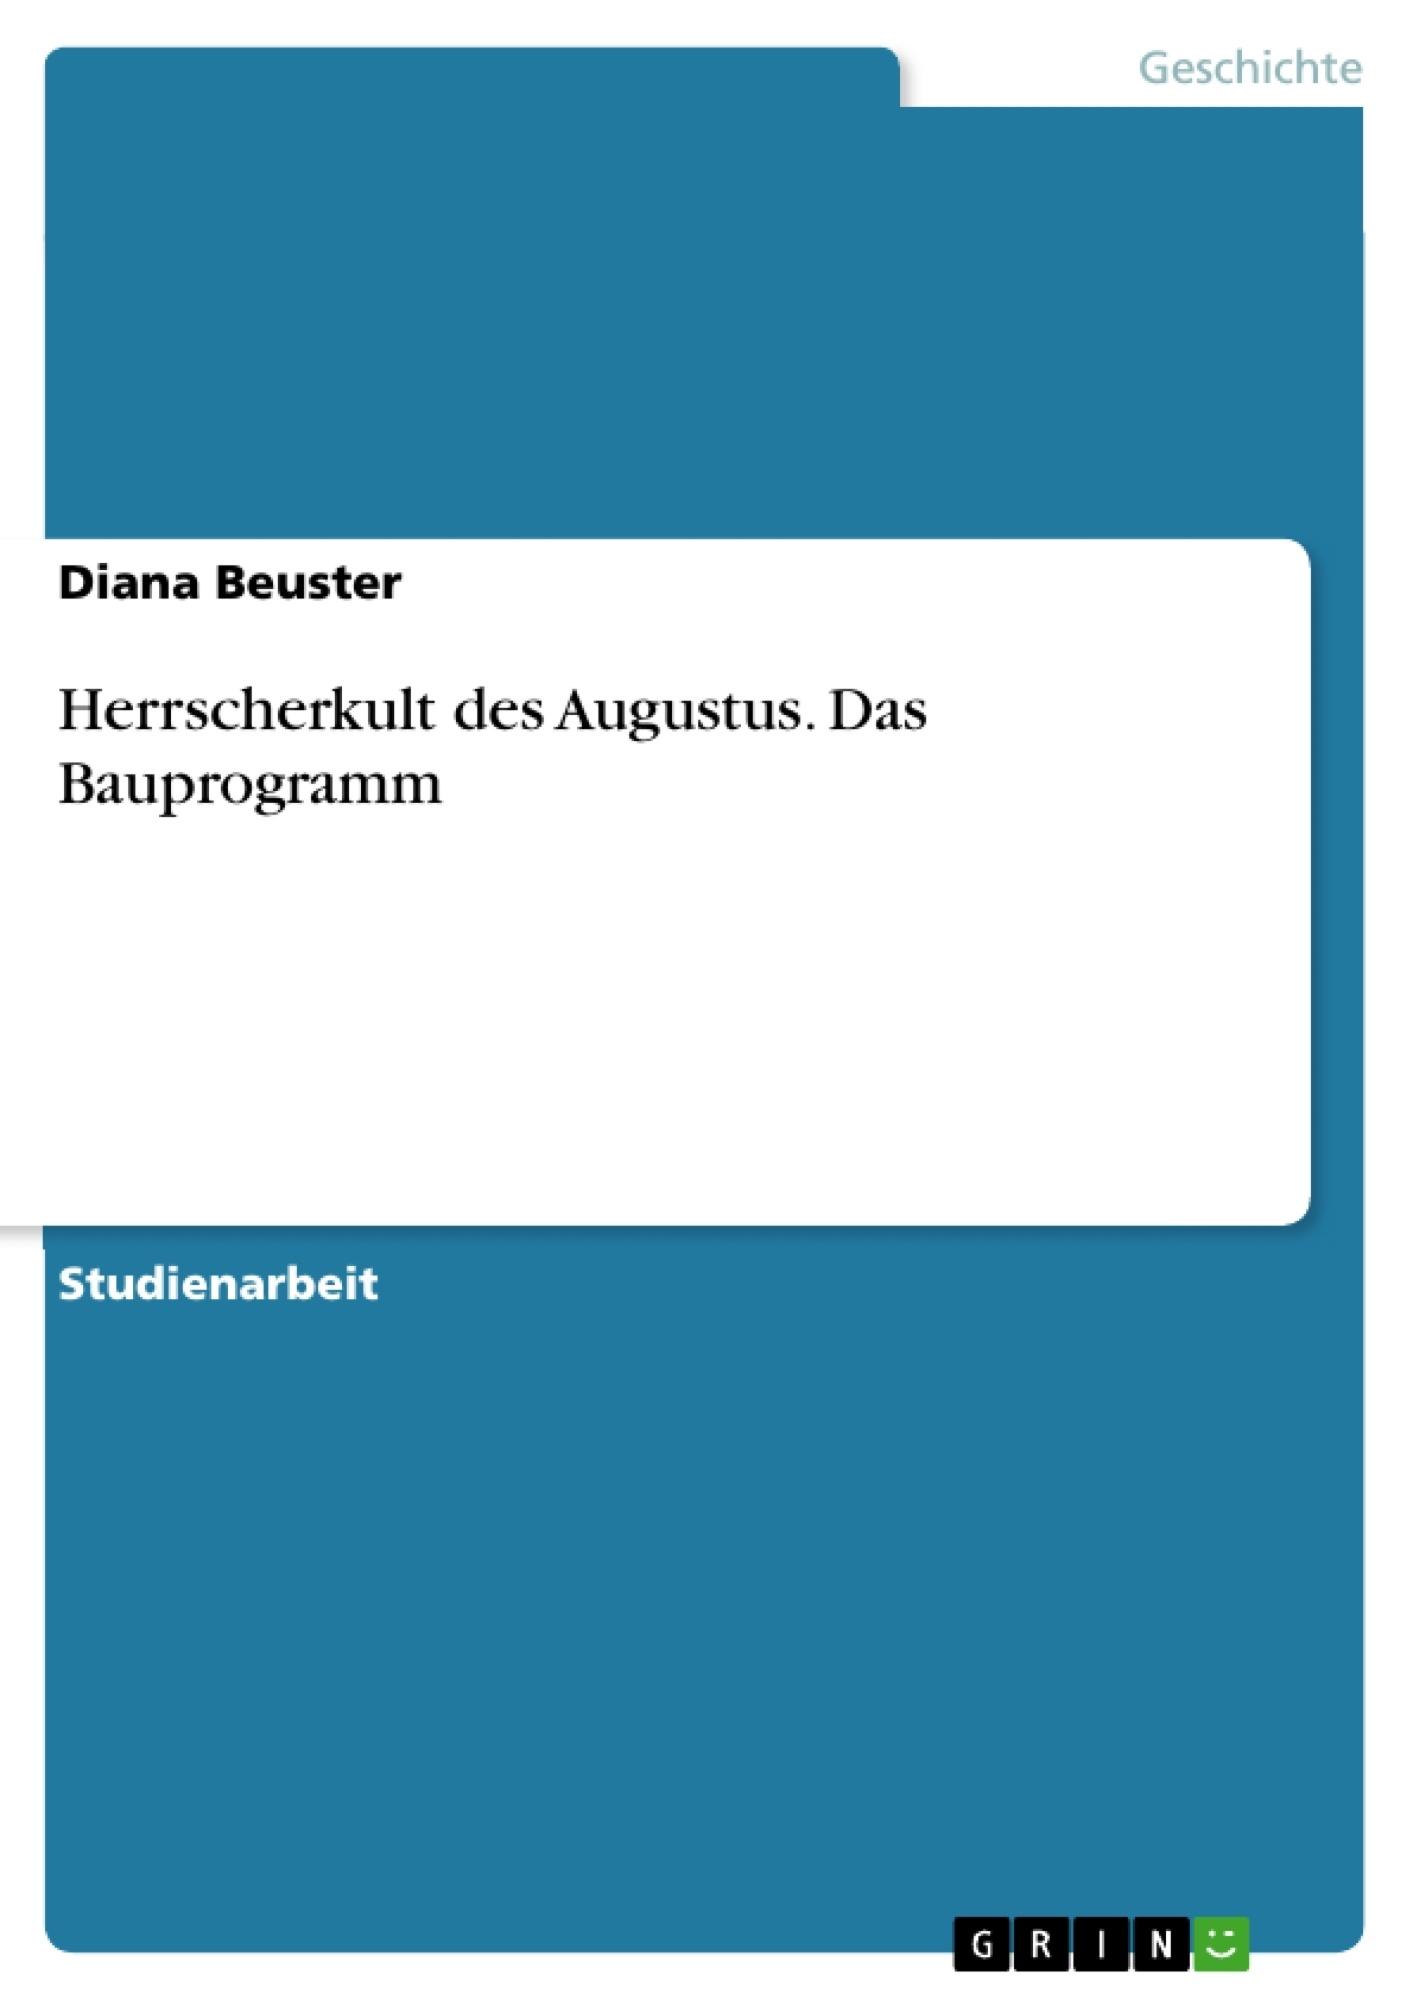 Titel: Herrscherkult des Augustus. Das Bauprogramm